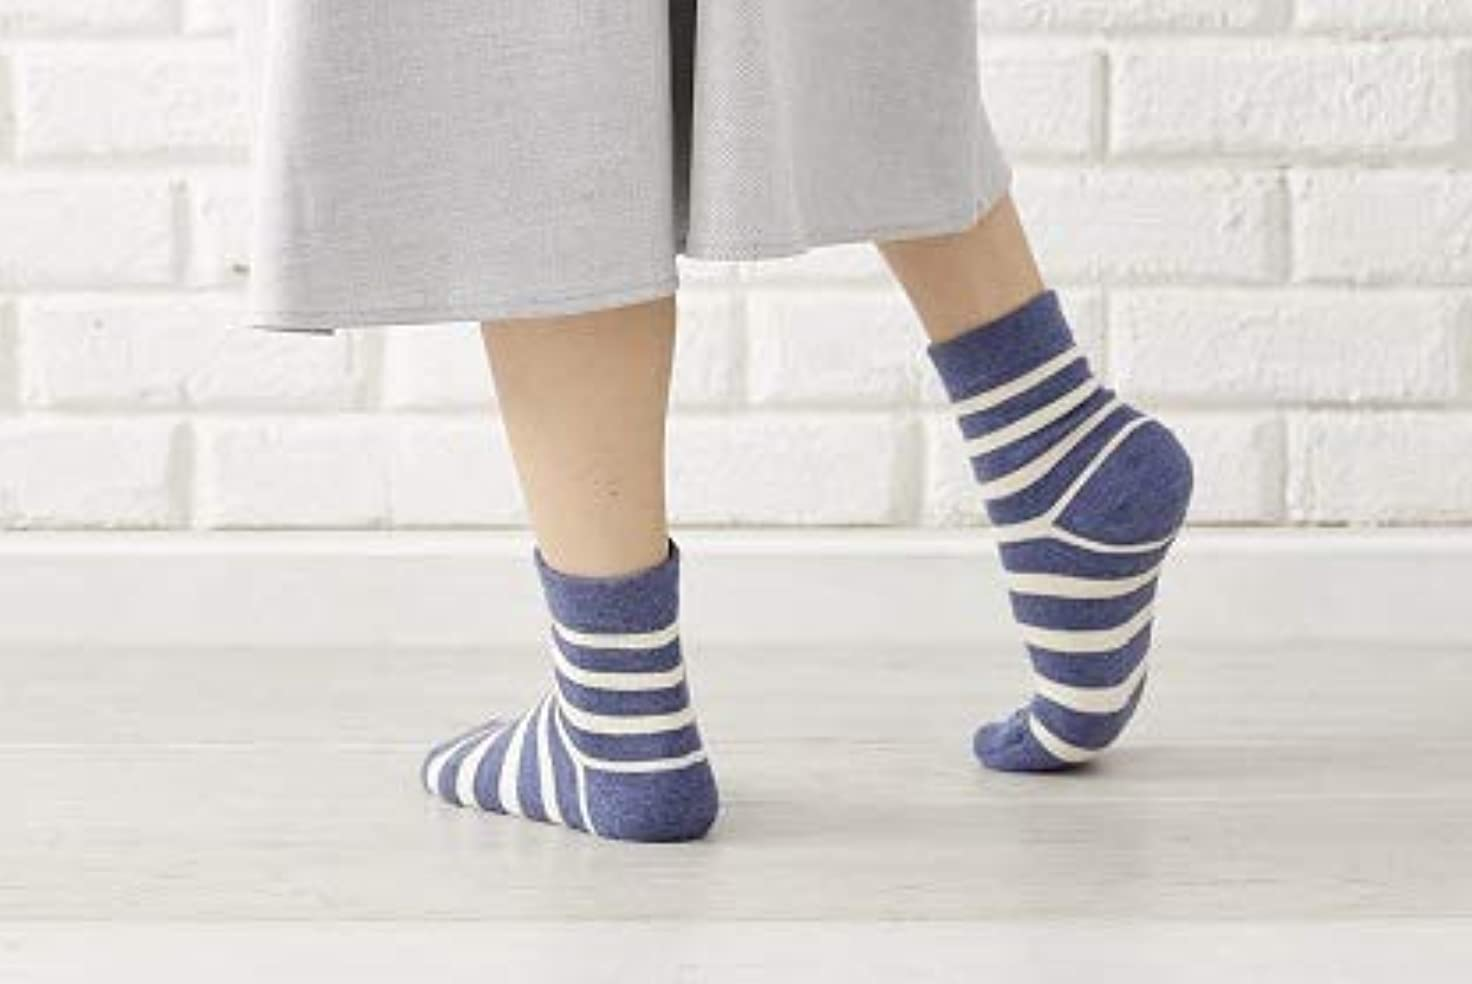 国歌情熱的排除するかかと 角質ケア ひび割れ対策 かかとツルツル靴下 人気ボーダー2色組 23-25cm 太陽ニット 716